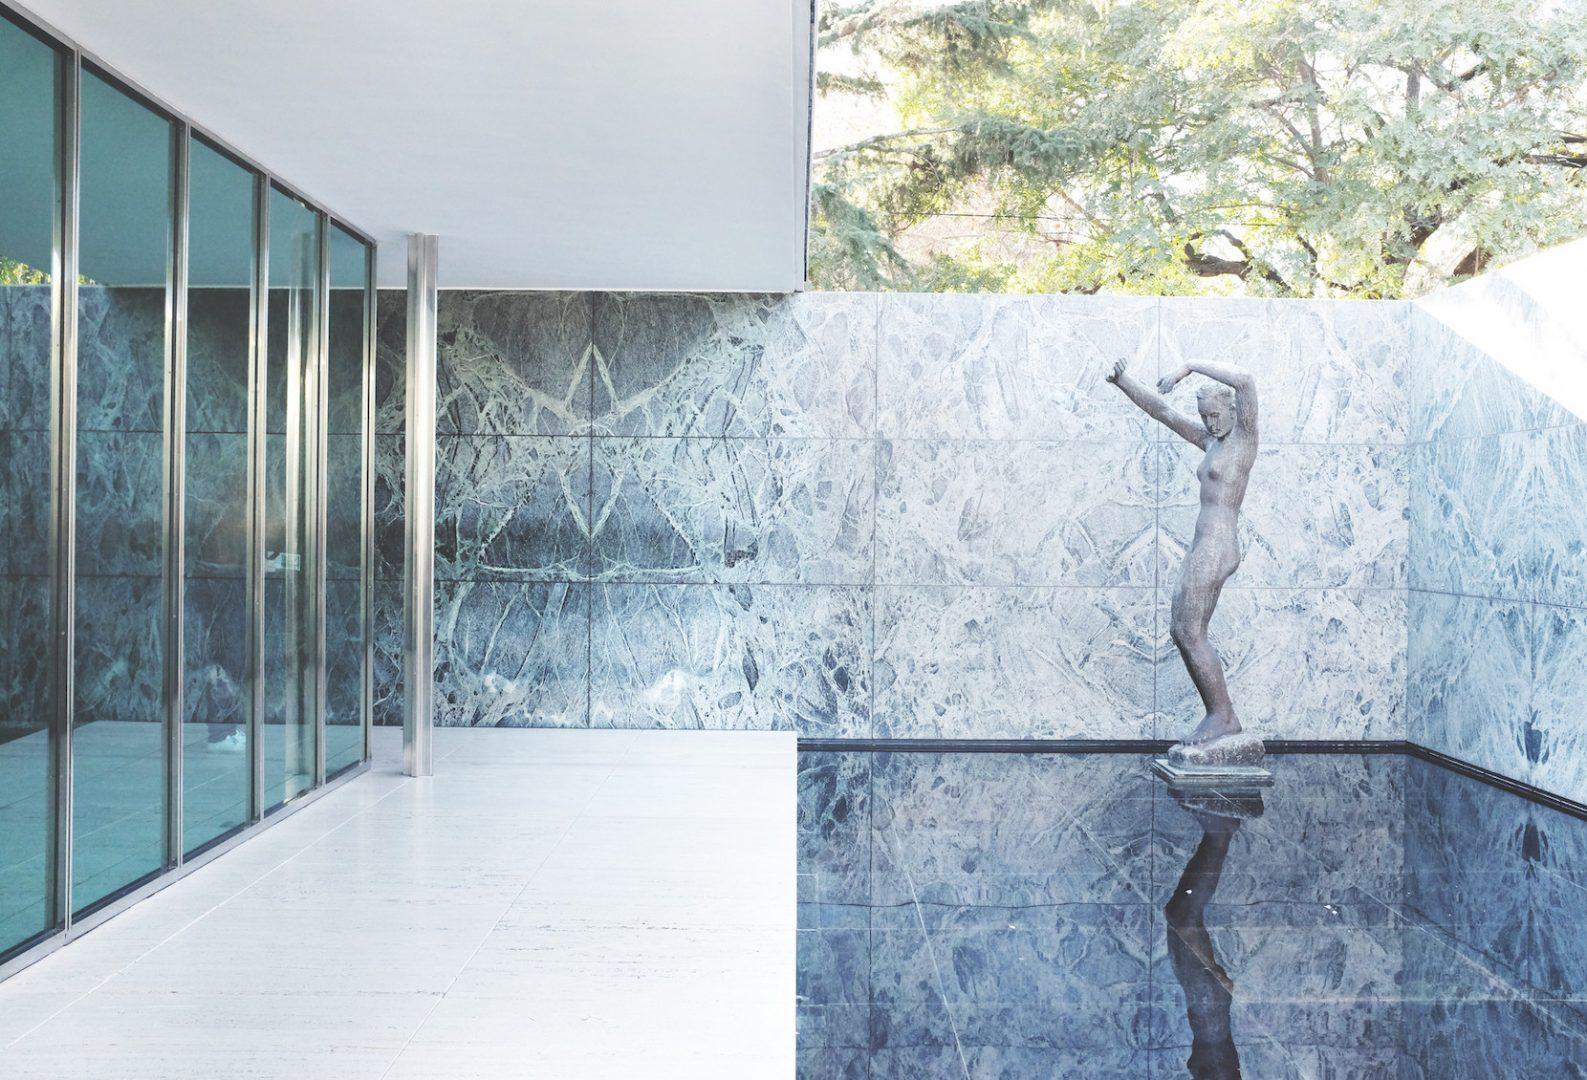 Vue extérieure du pavillon allemand pour l'Exposition universelle de Barcelone de 1929, Ludwig Mies van der Rohe, architecte, avec la sculpture de Georg Kolbe The Morning, photo Gili Merin